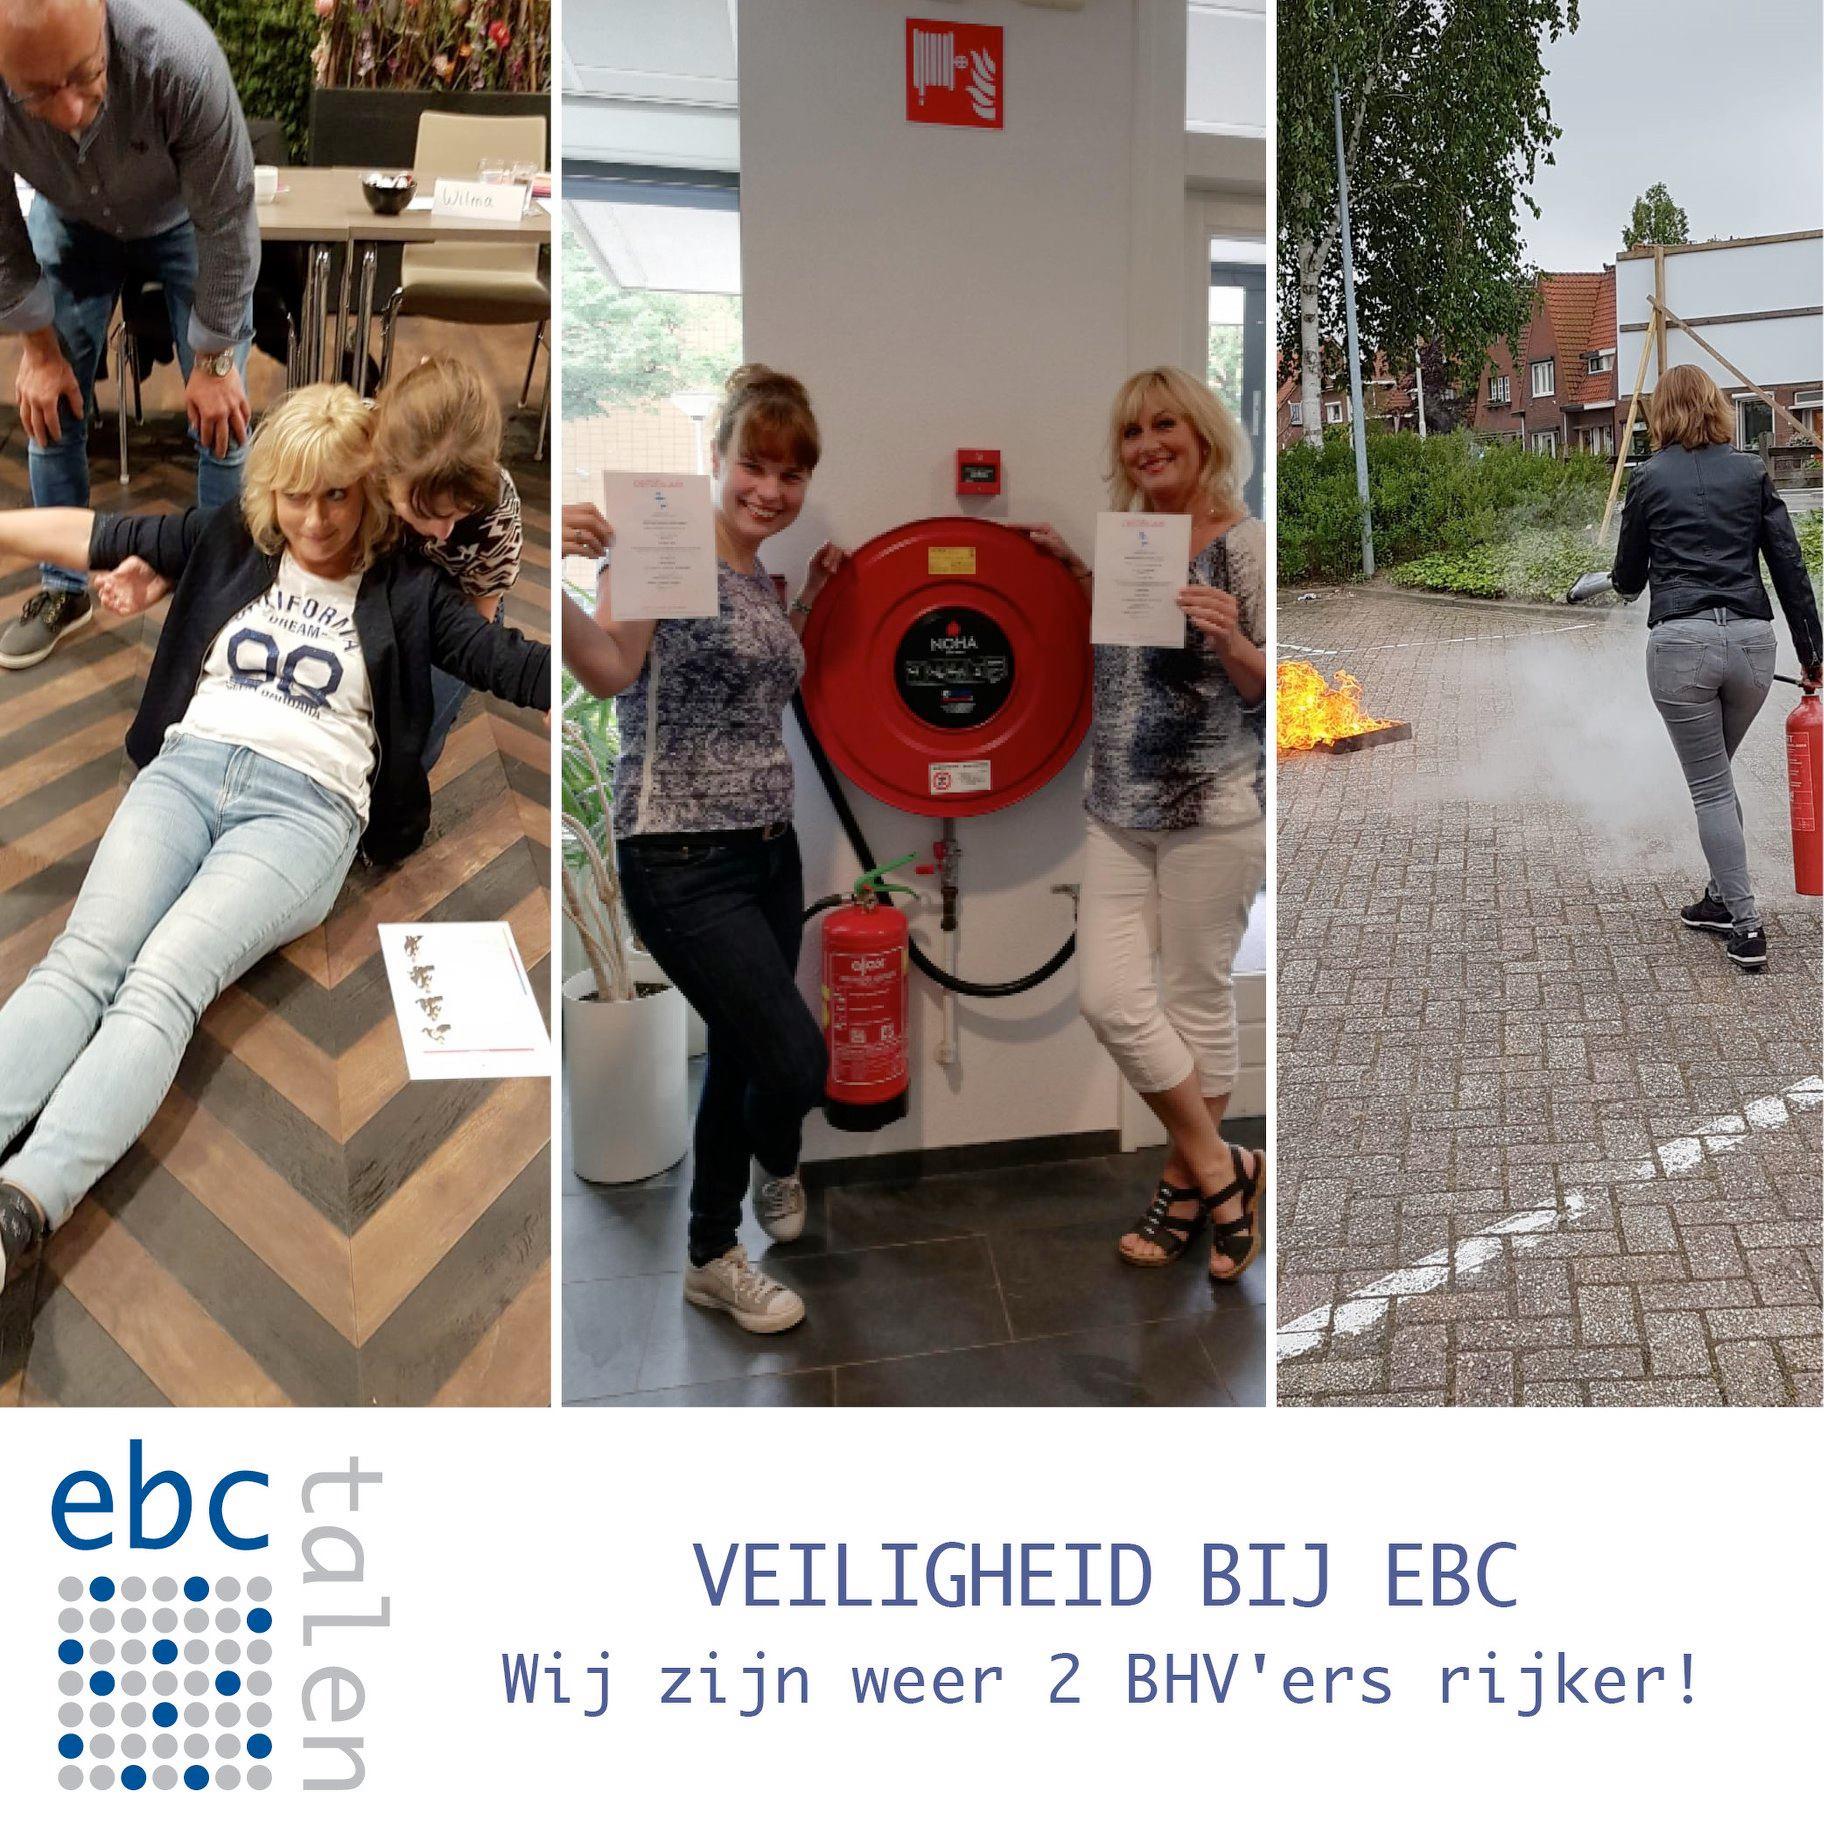 EBC is 2 BHV'ers rijker!